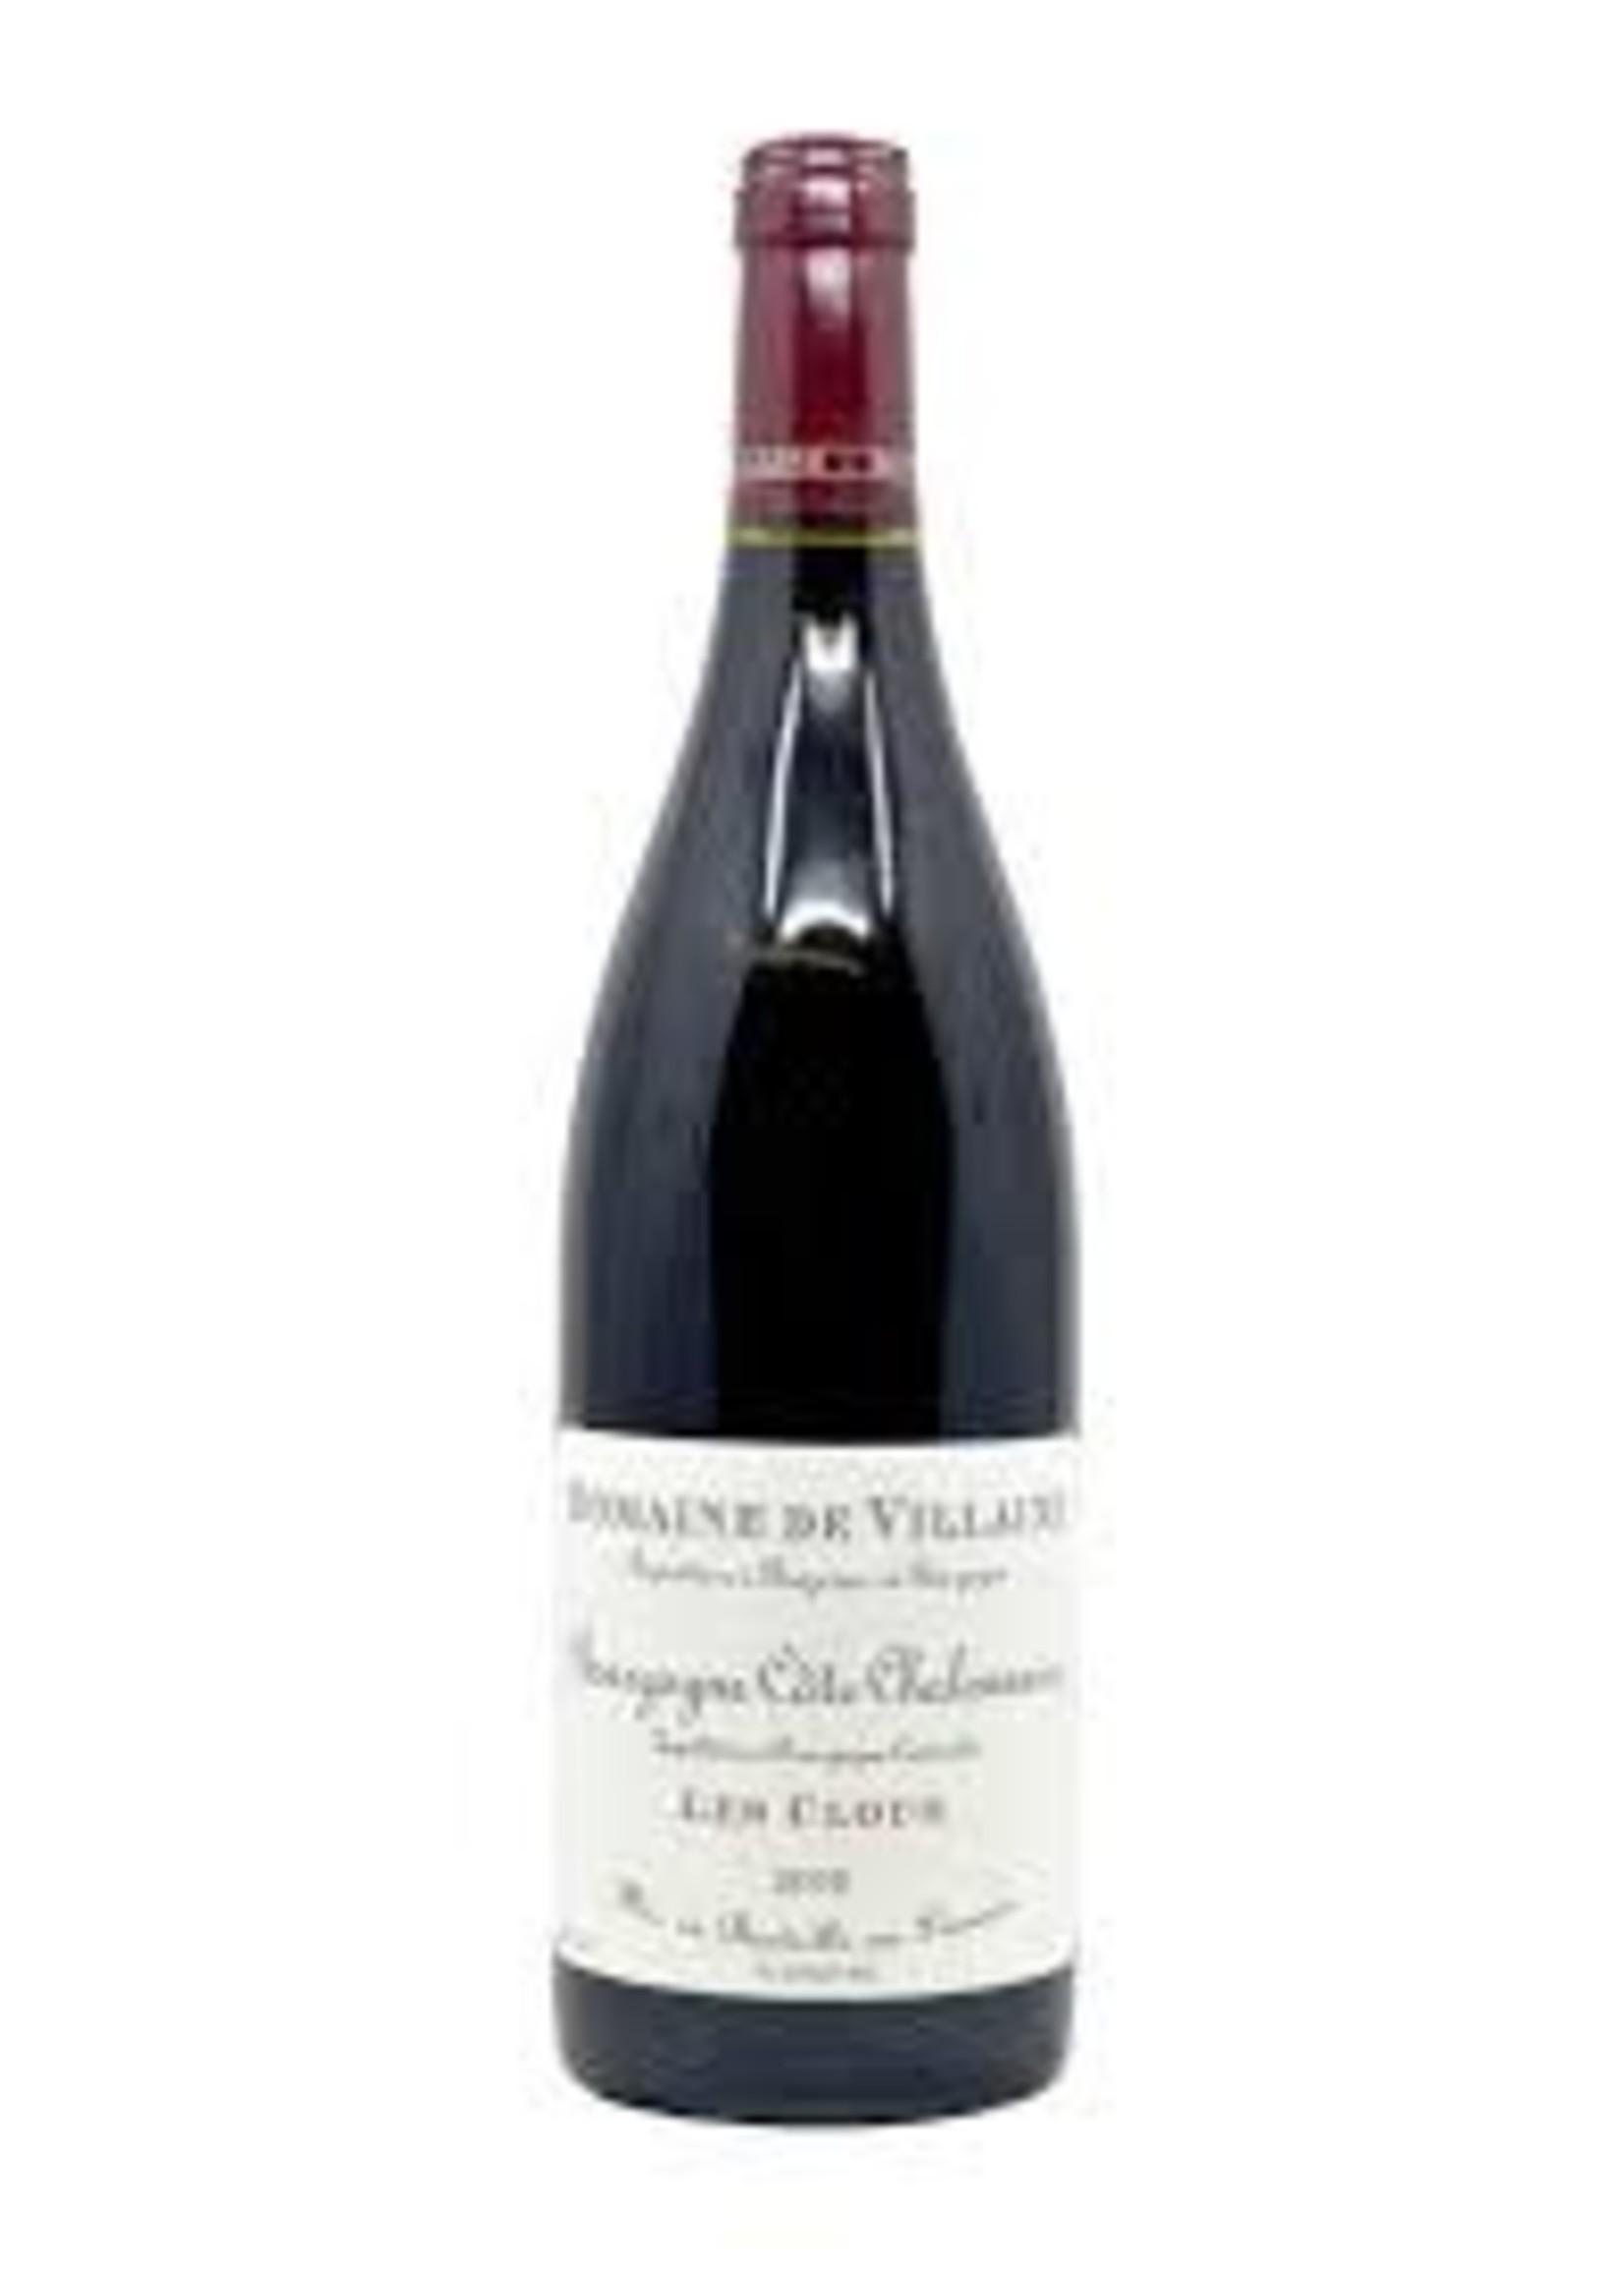 Domaine A.P. de Villaine 2018 Bourgogne Rouge Les Clous 750ml